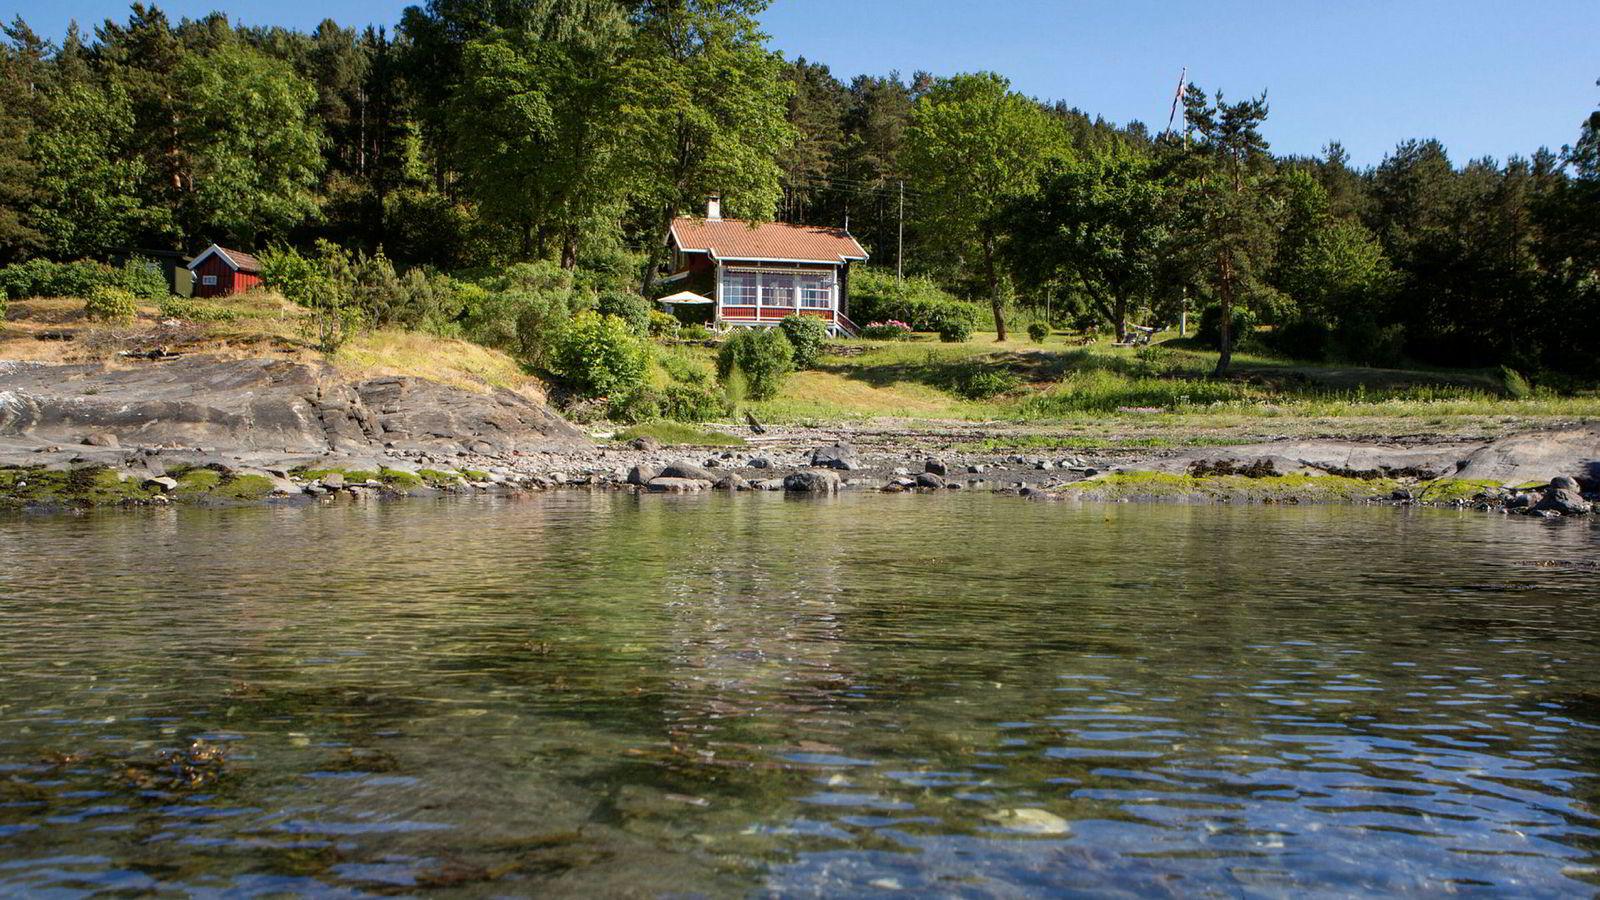 Denne hytta på Lindøya i Oslo kan komme til å knuse tidligere prisrekorder. Eiendomsmegler Marius Berger har satt prisantydningen til 14 millioner kroner.